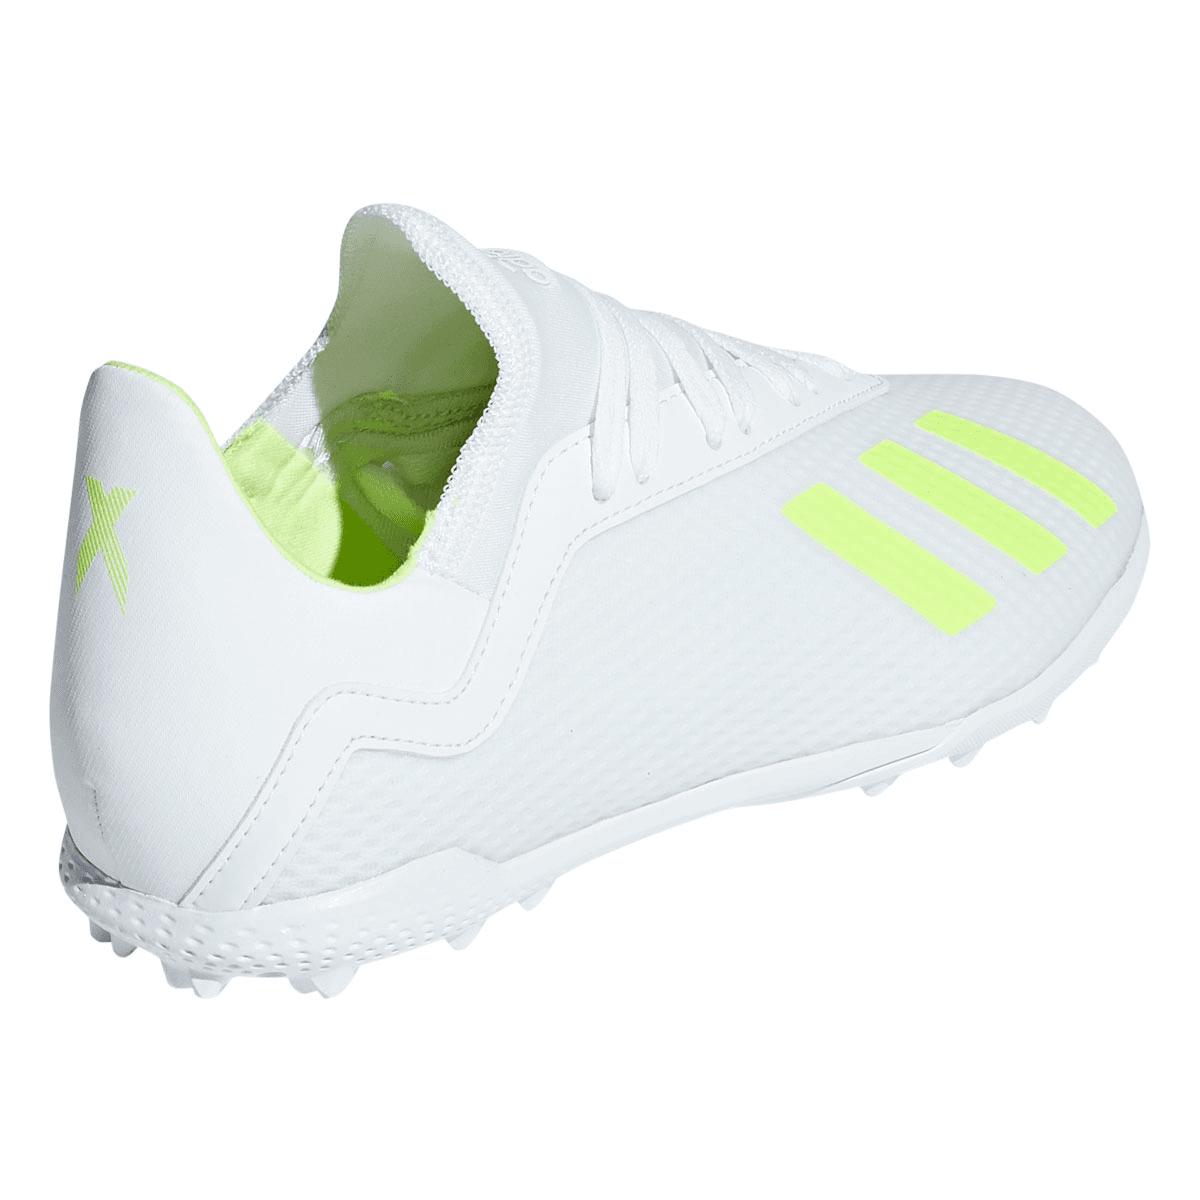 adidas Kinder Fußballschuh X 18.3 TF J Kunstrasen weißgelb fluo